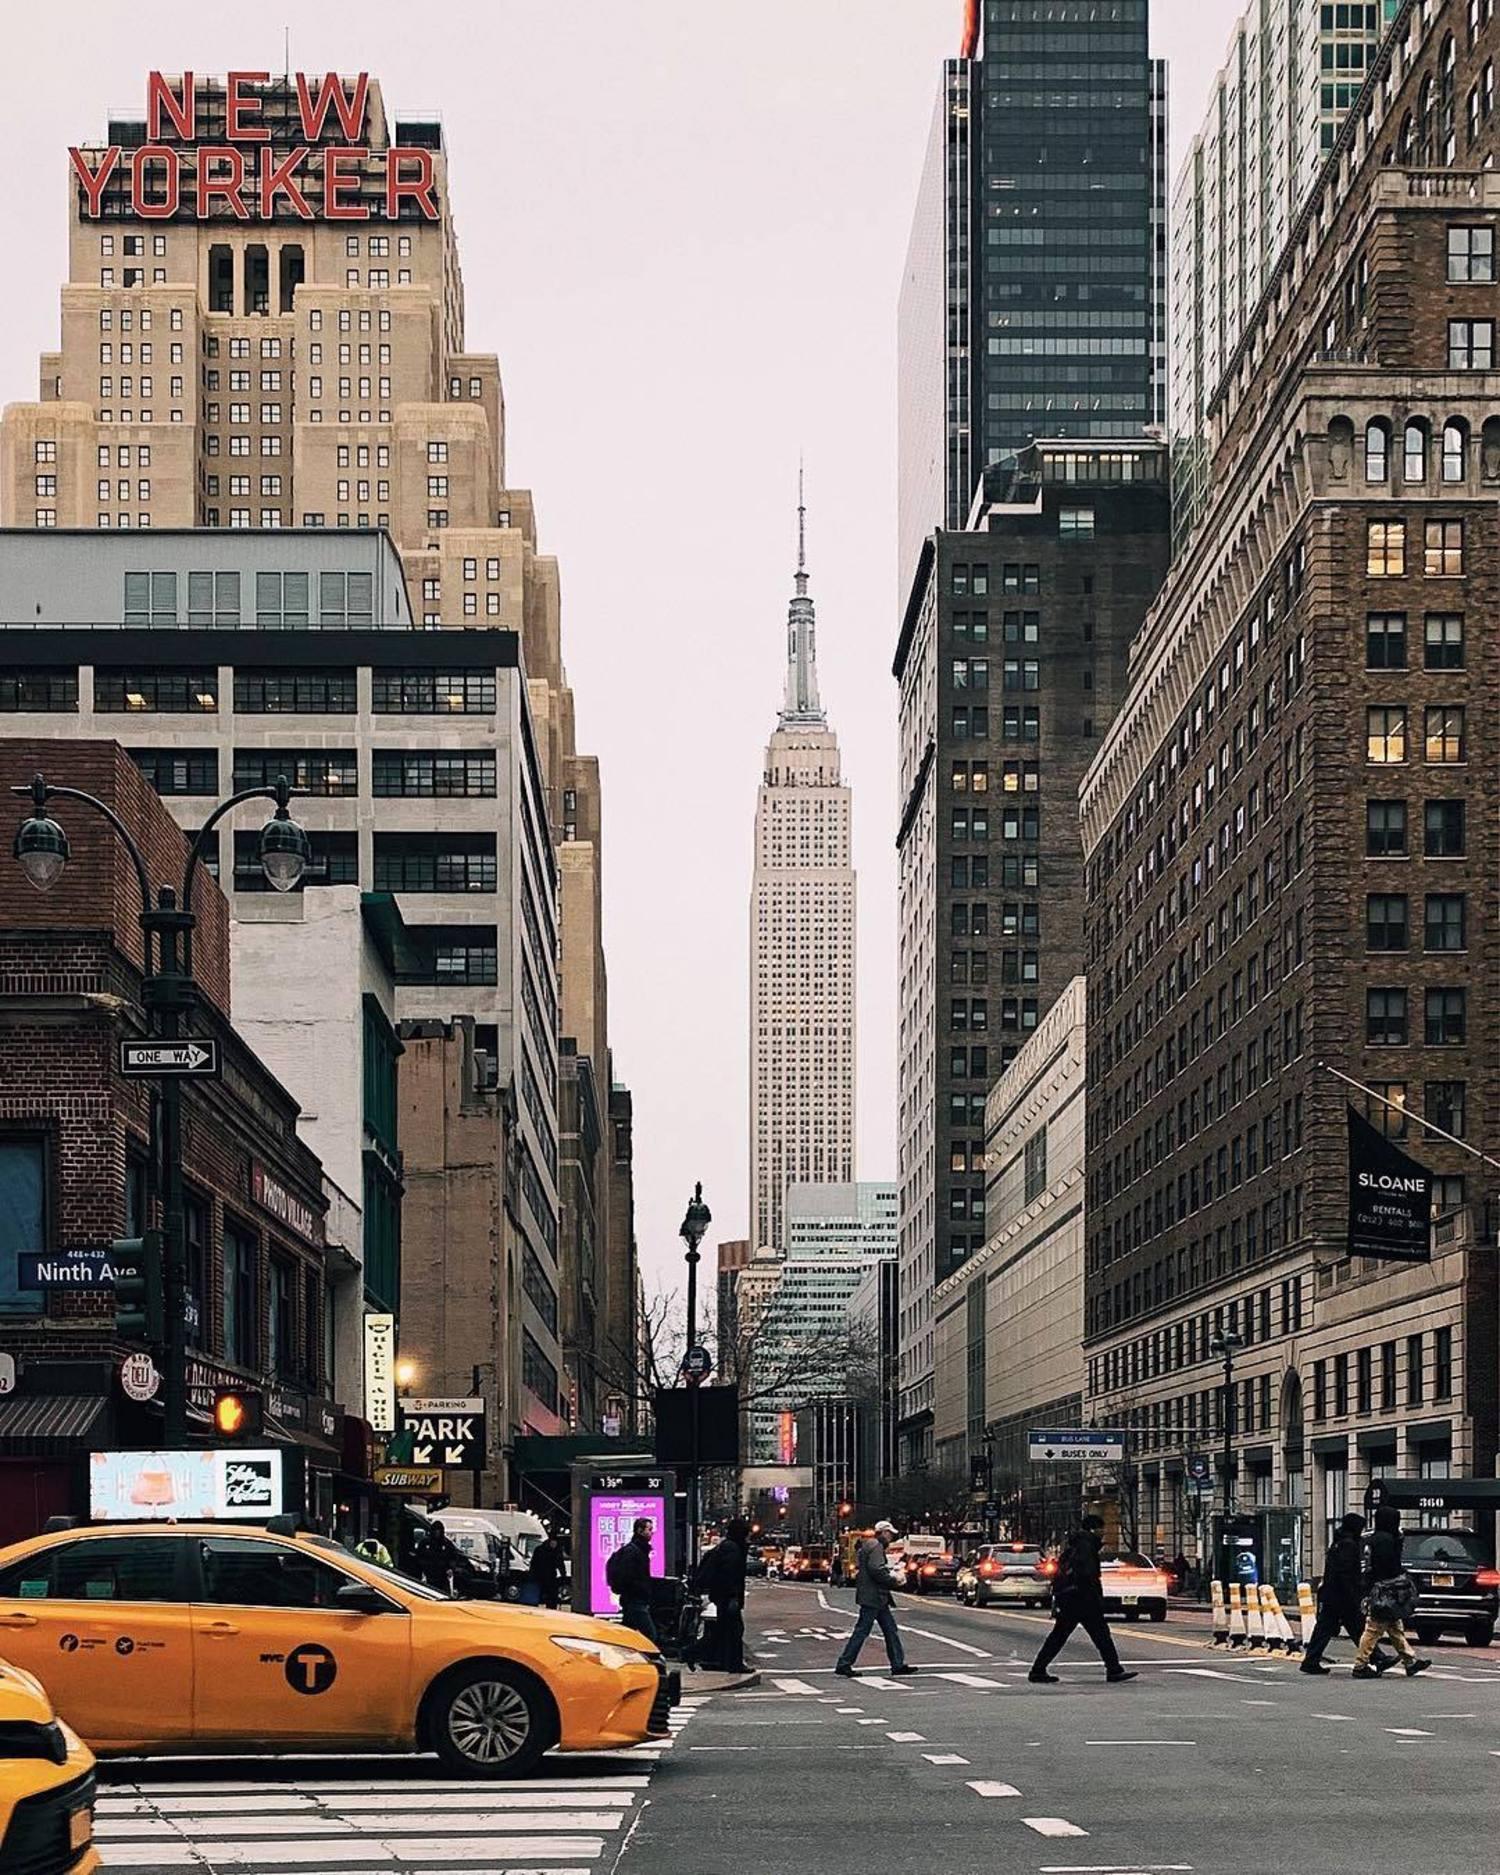 9th Avenue and 34th Street, Manhattan